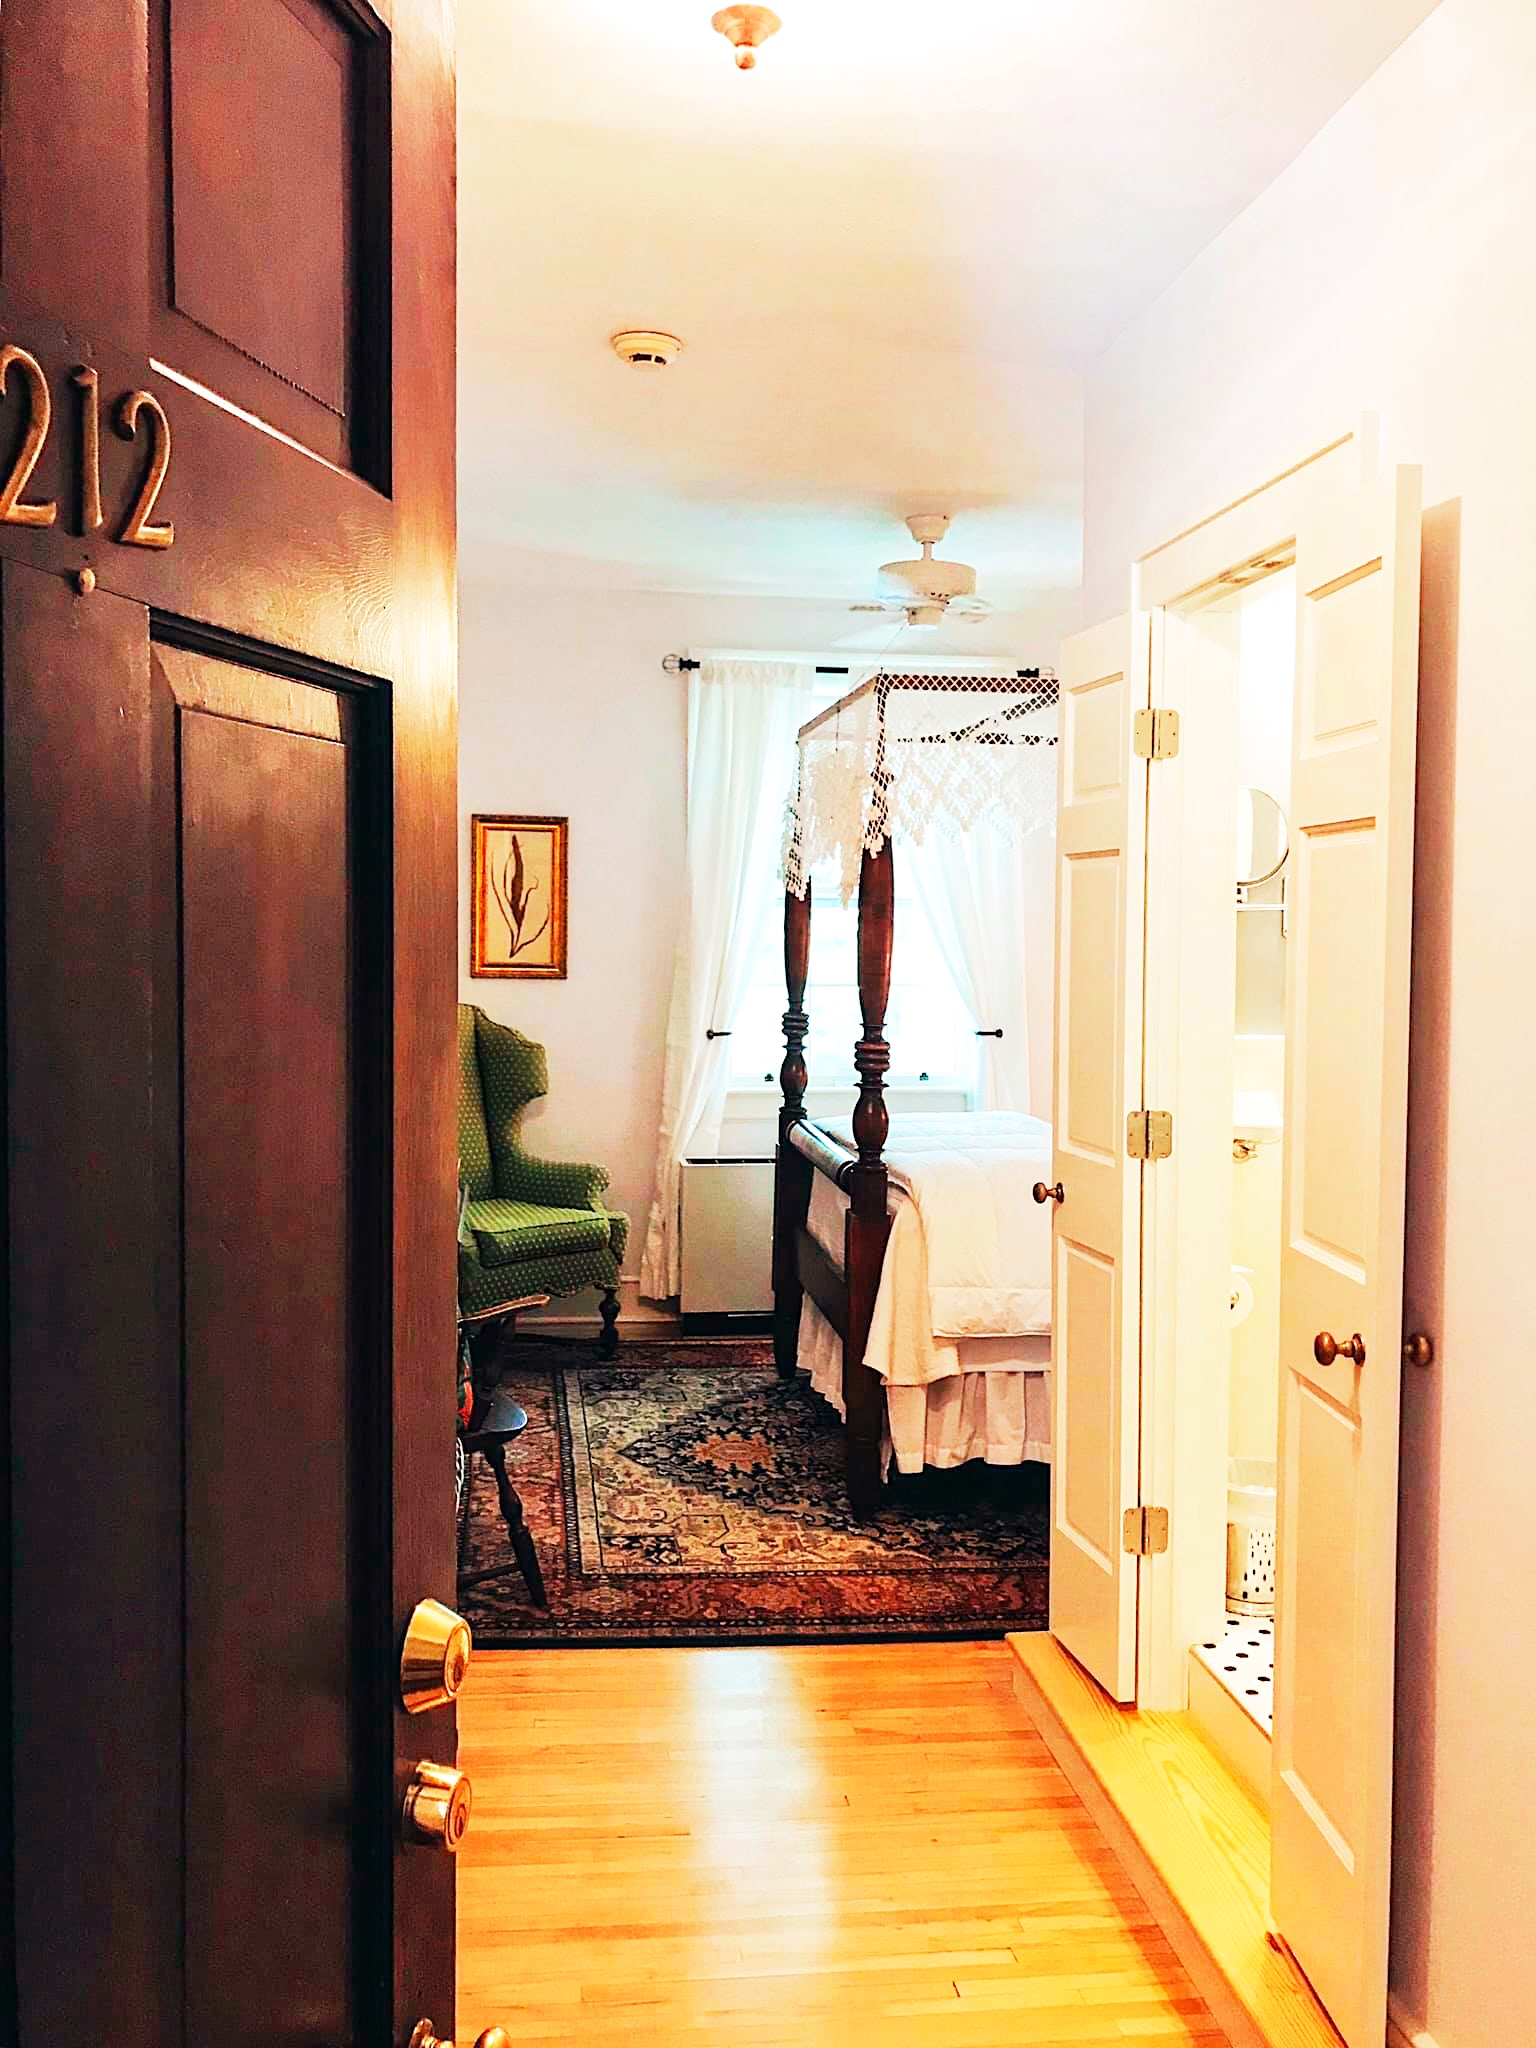 Room 212 Door